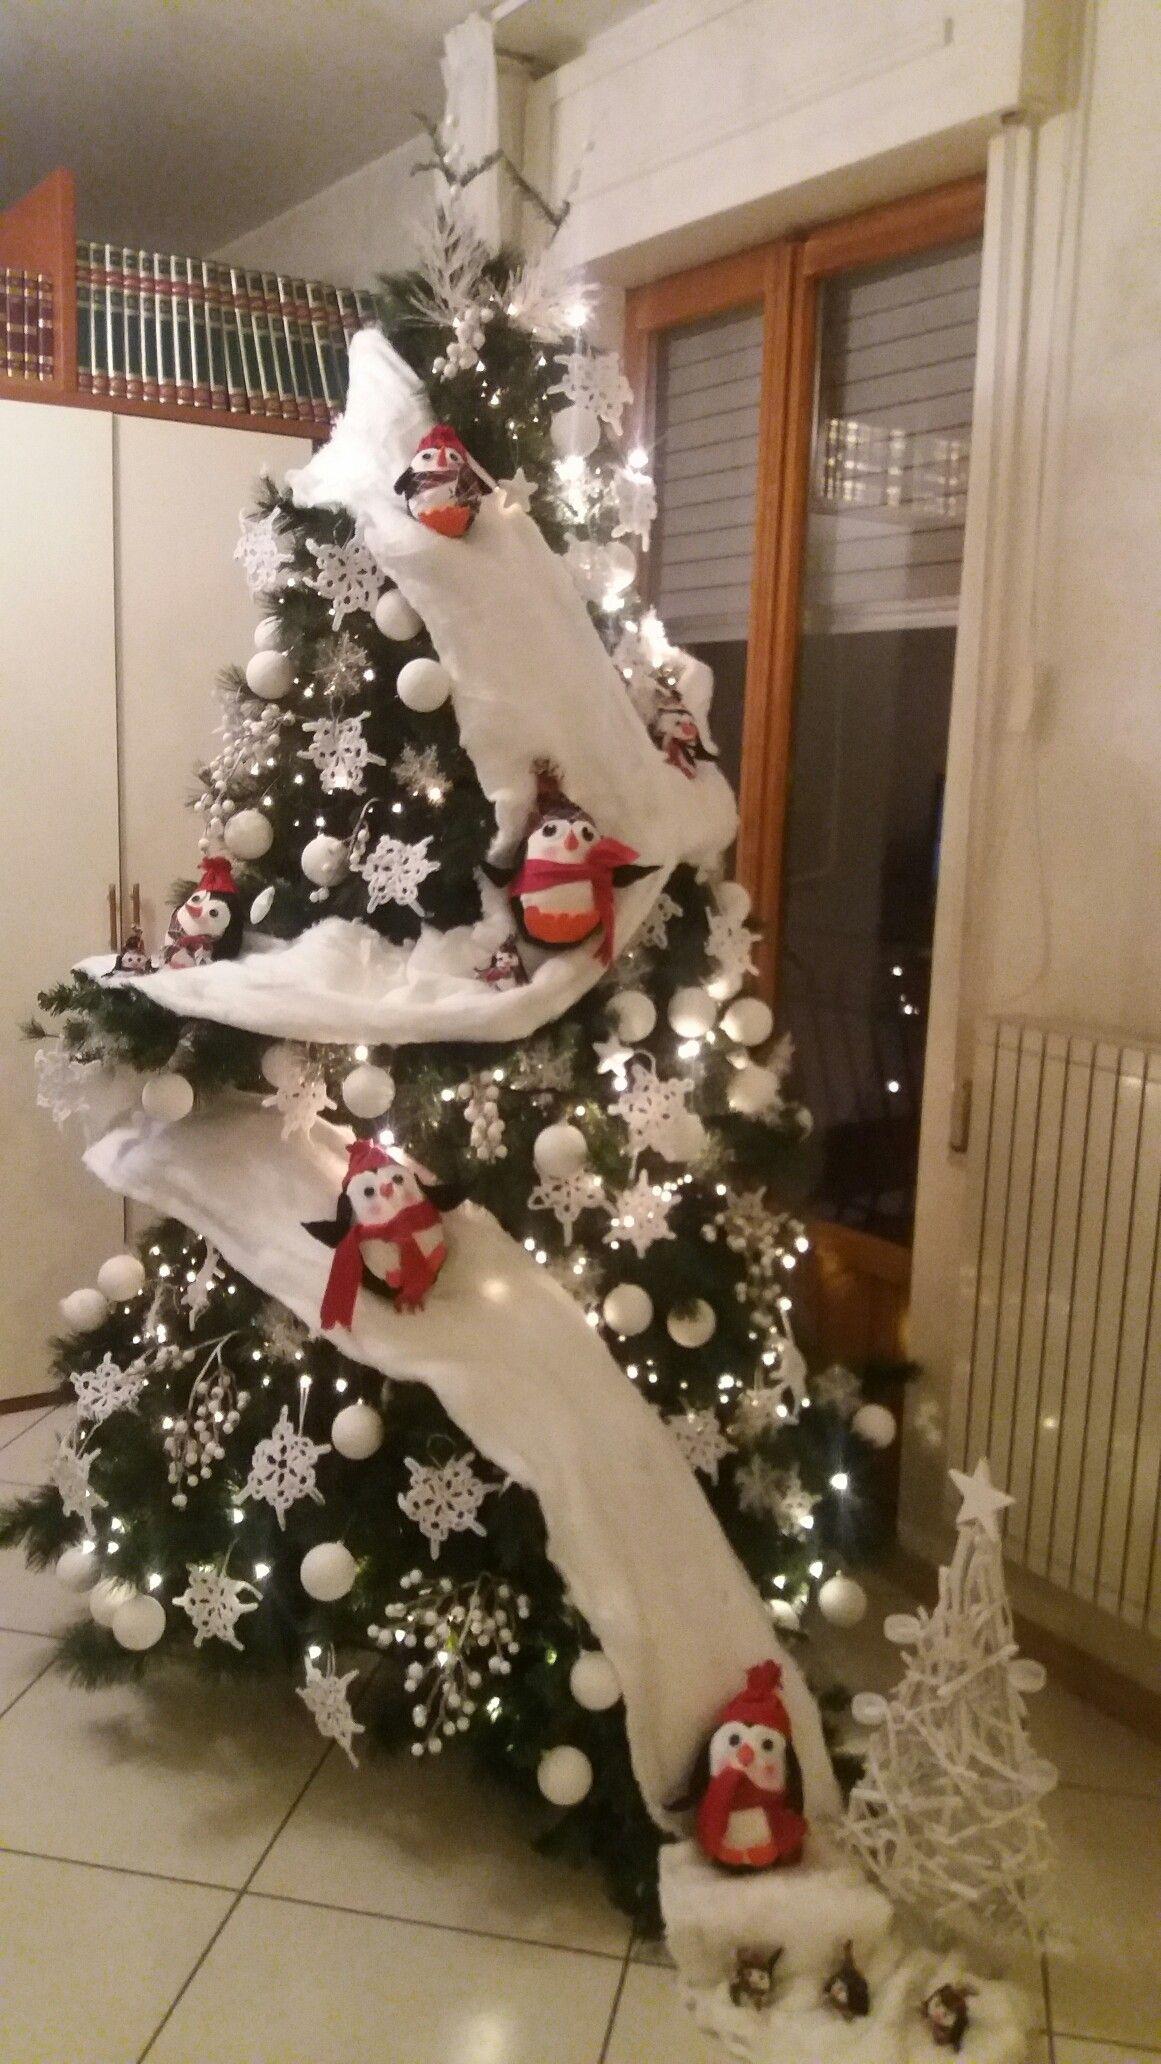 8c573bafdbc4c72d4892ead6f2fc226e Jpg 1 161 2 064 Pixels Diy Christmas Tree Snowman Christmas Decorations Christmas Tree Themes